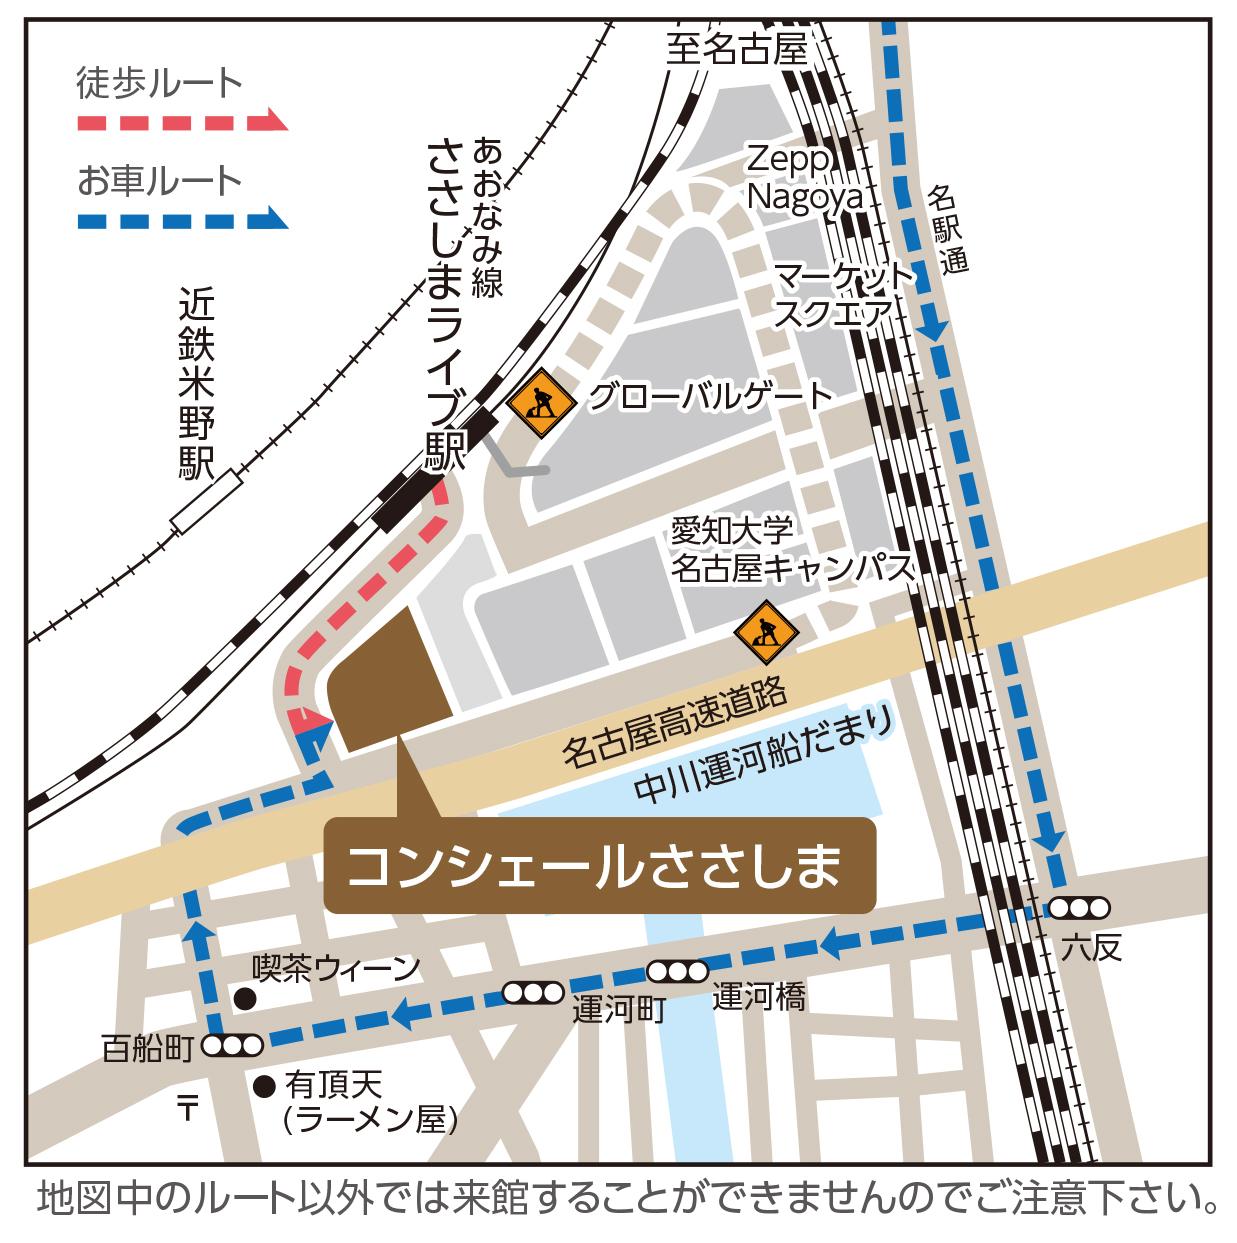 sasashimachizu